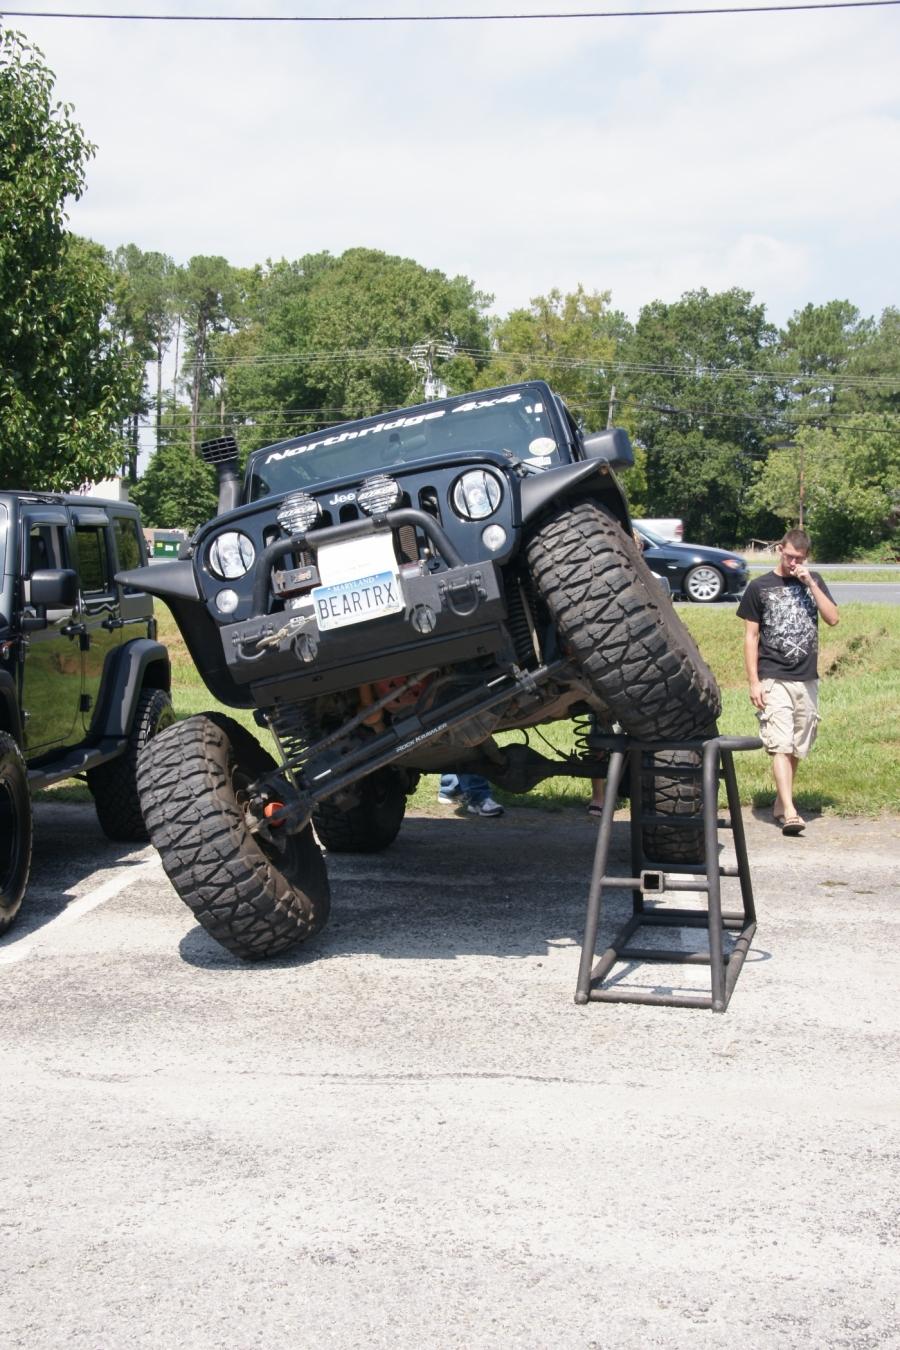 Oc jeep week #2